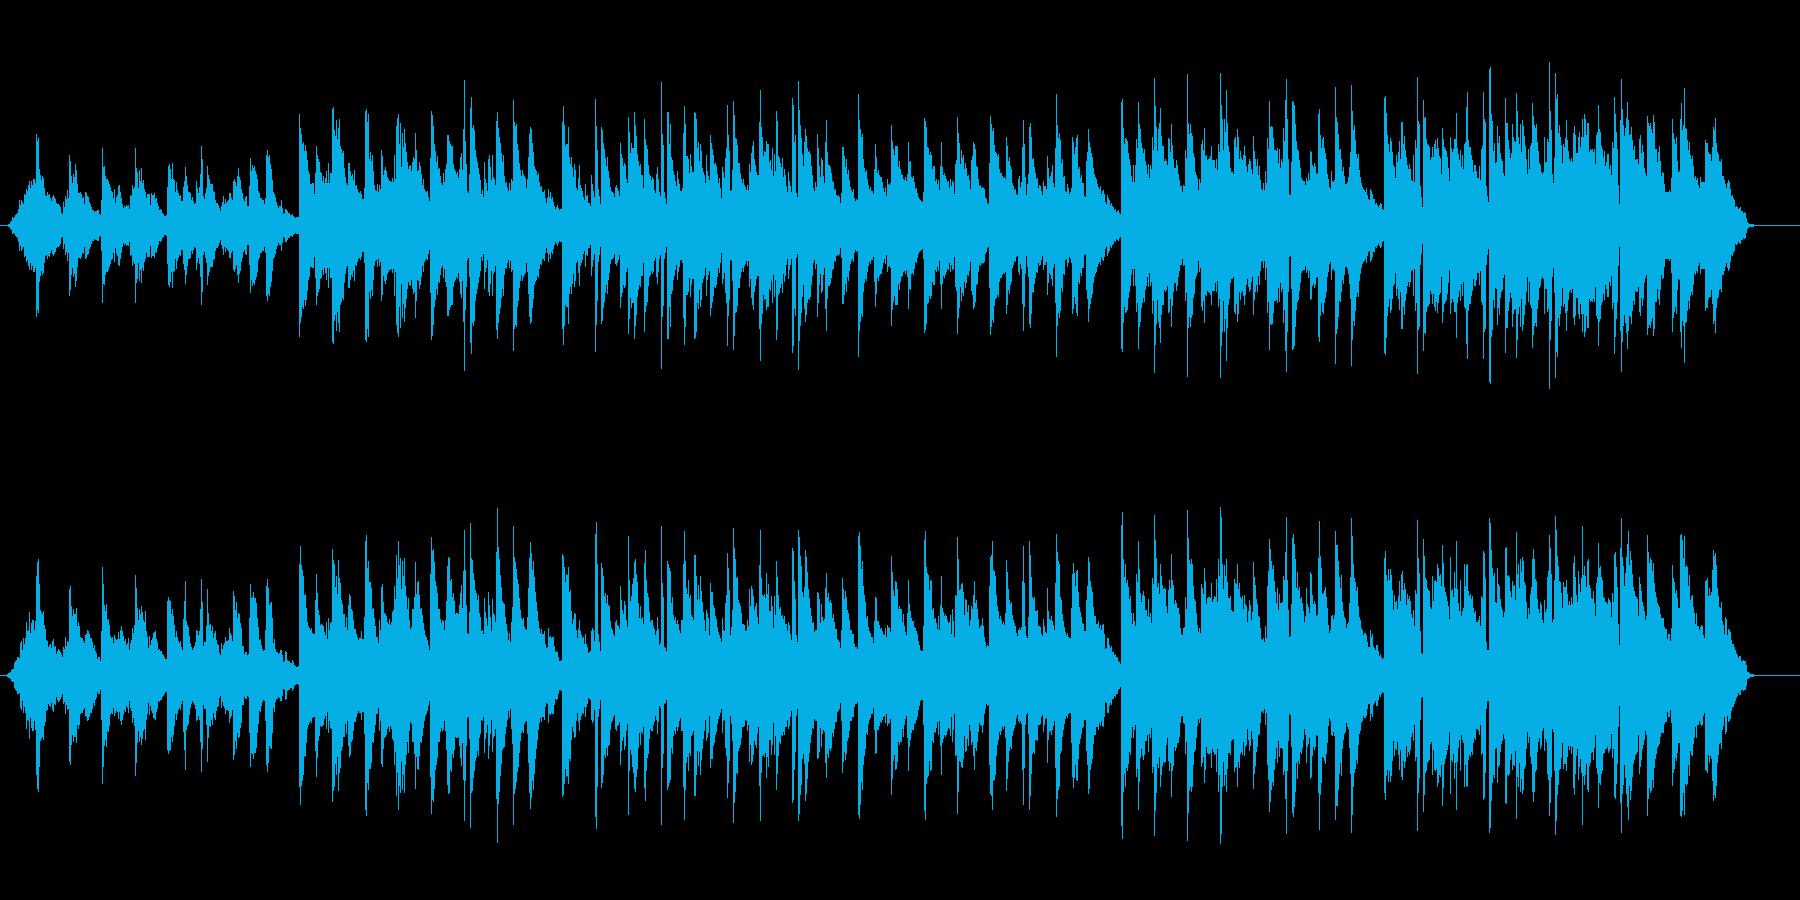 スローイージー穏やかニューエイジバラードの再生済みの波形